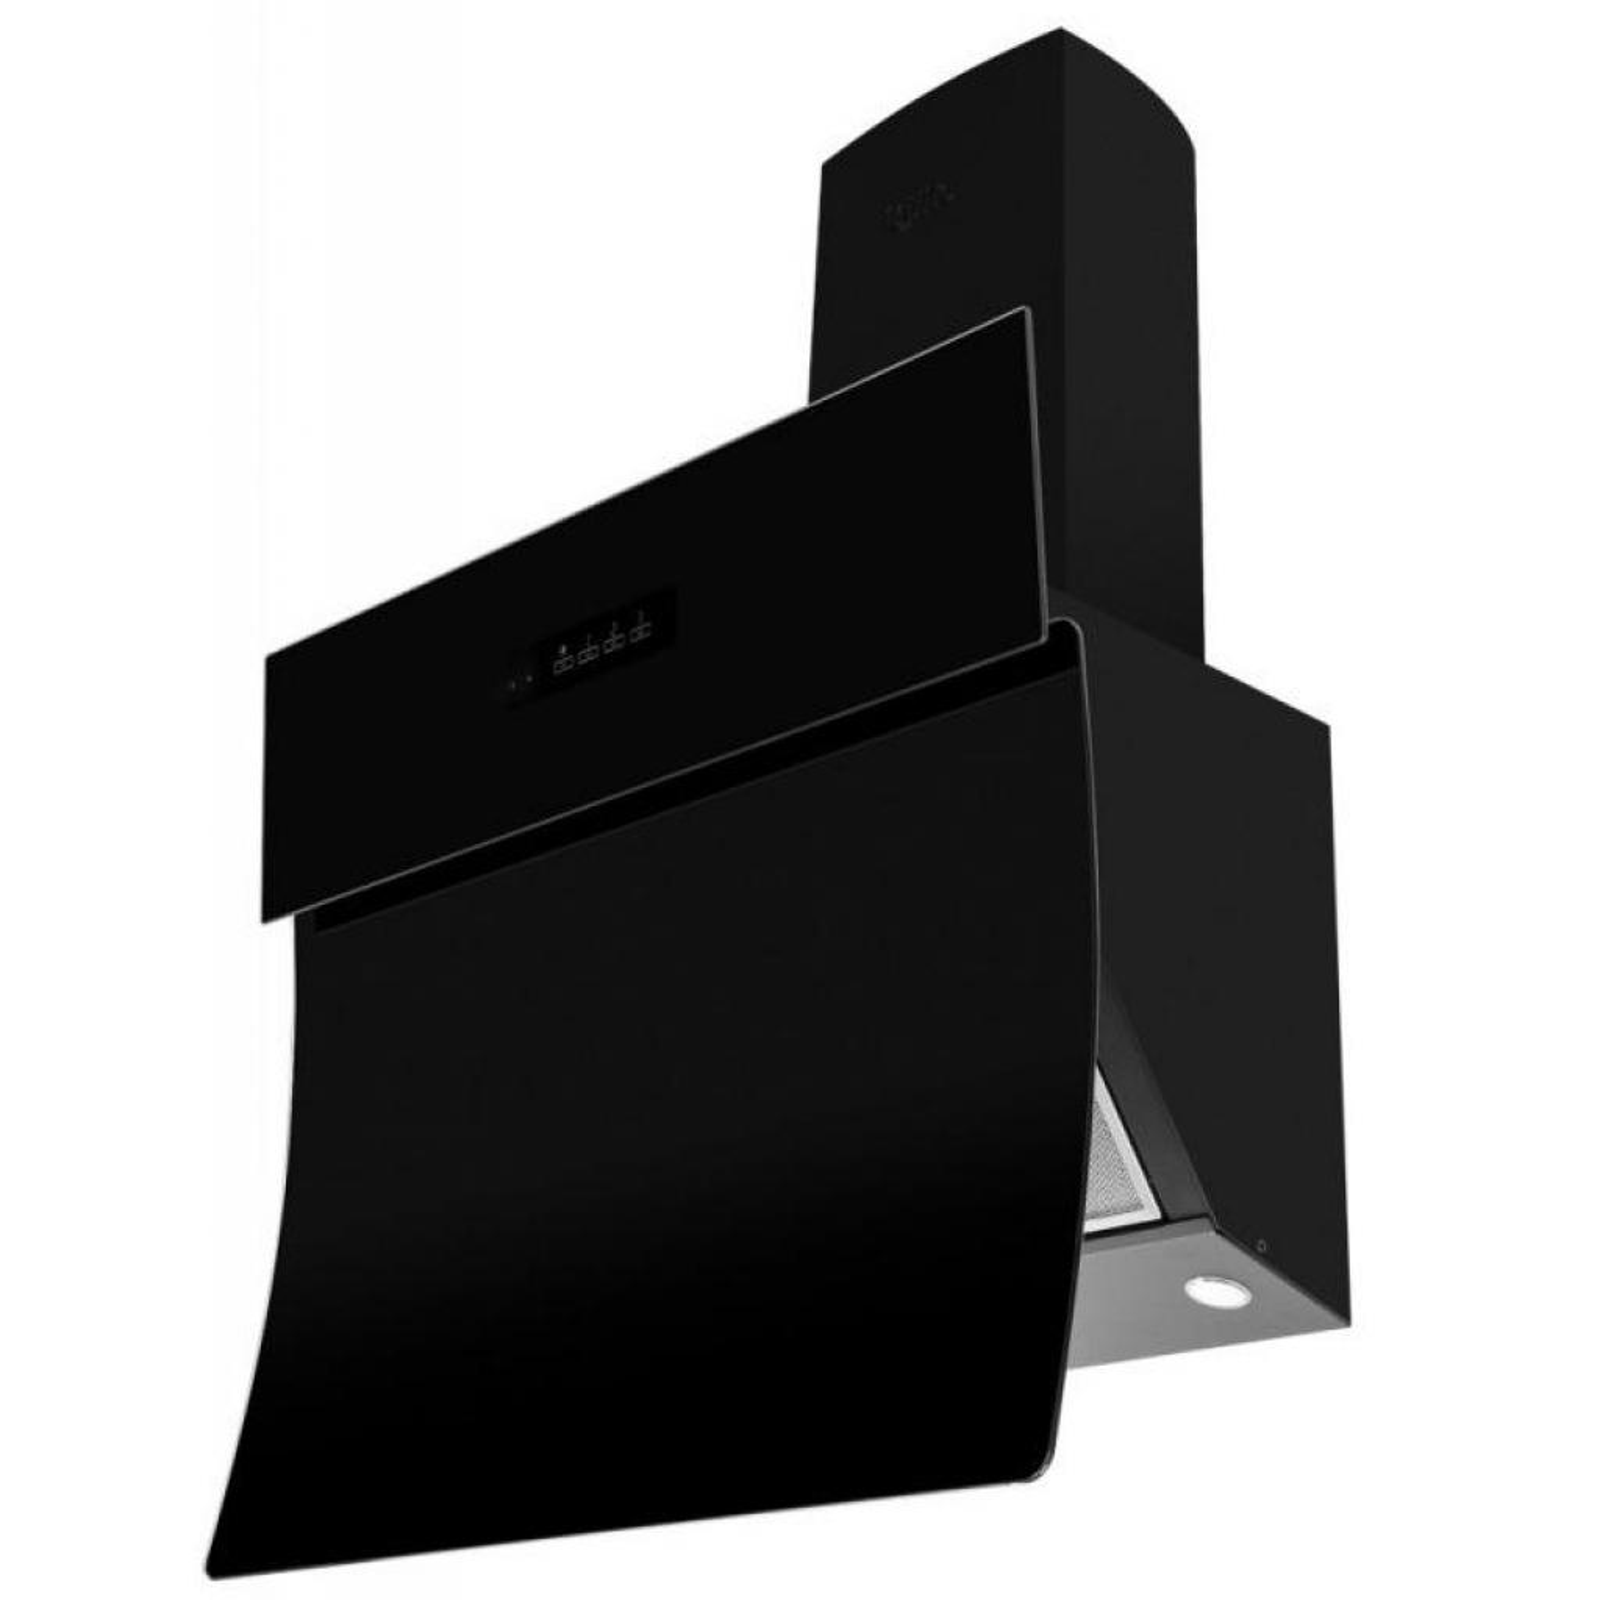 Вытяжка кухонная VENTOLUX FIRENZE 60 BK (1000) TRC IT SD изображение 3